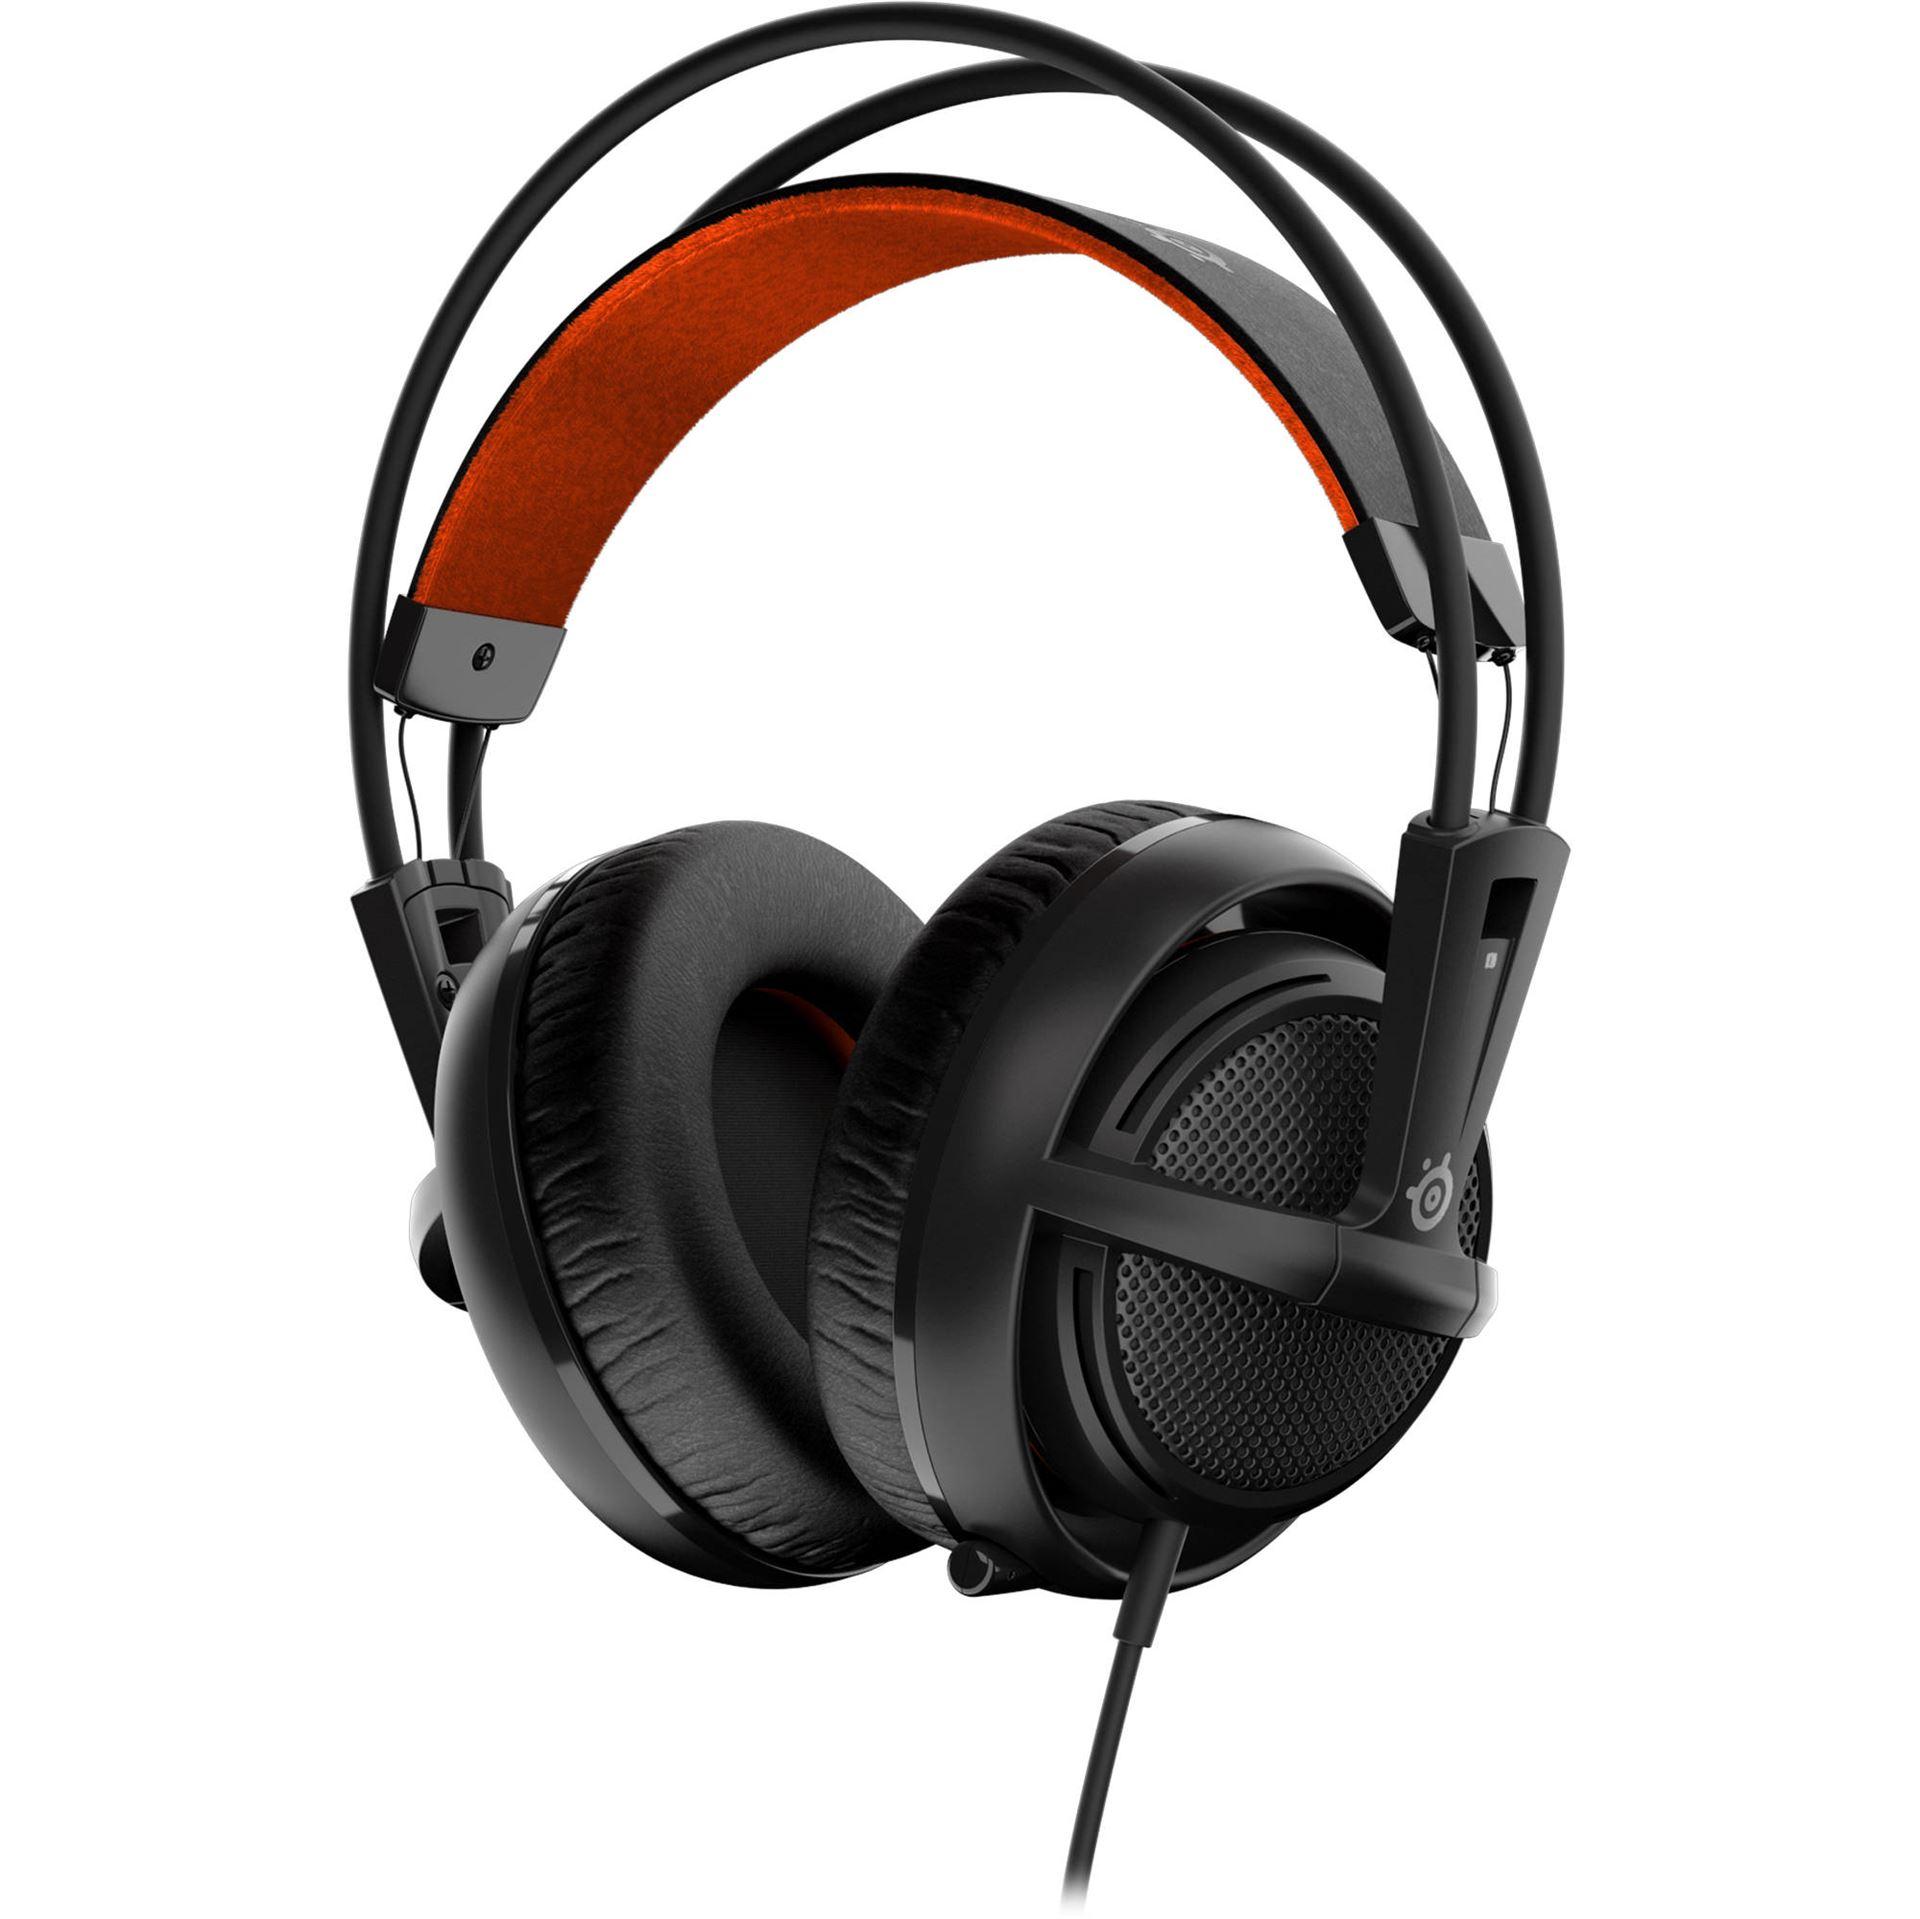 SteelSeries Siberia V2 Full Size 1.8M Multipurpose Gaming Headset - Black - 51133